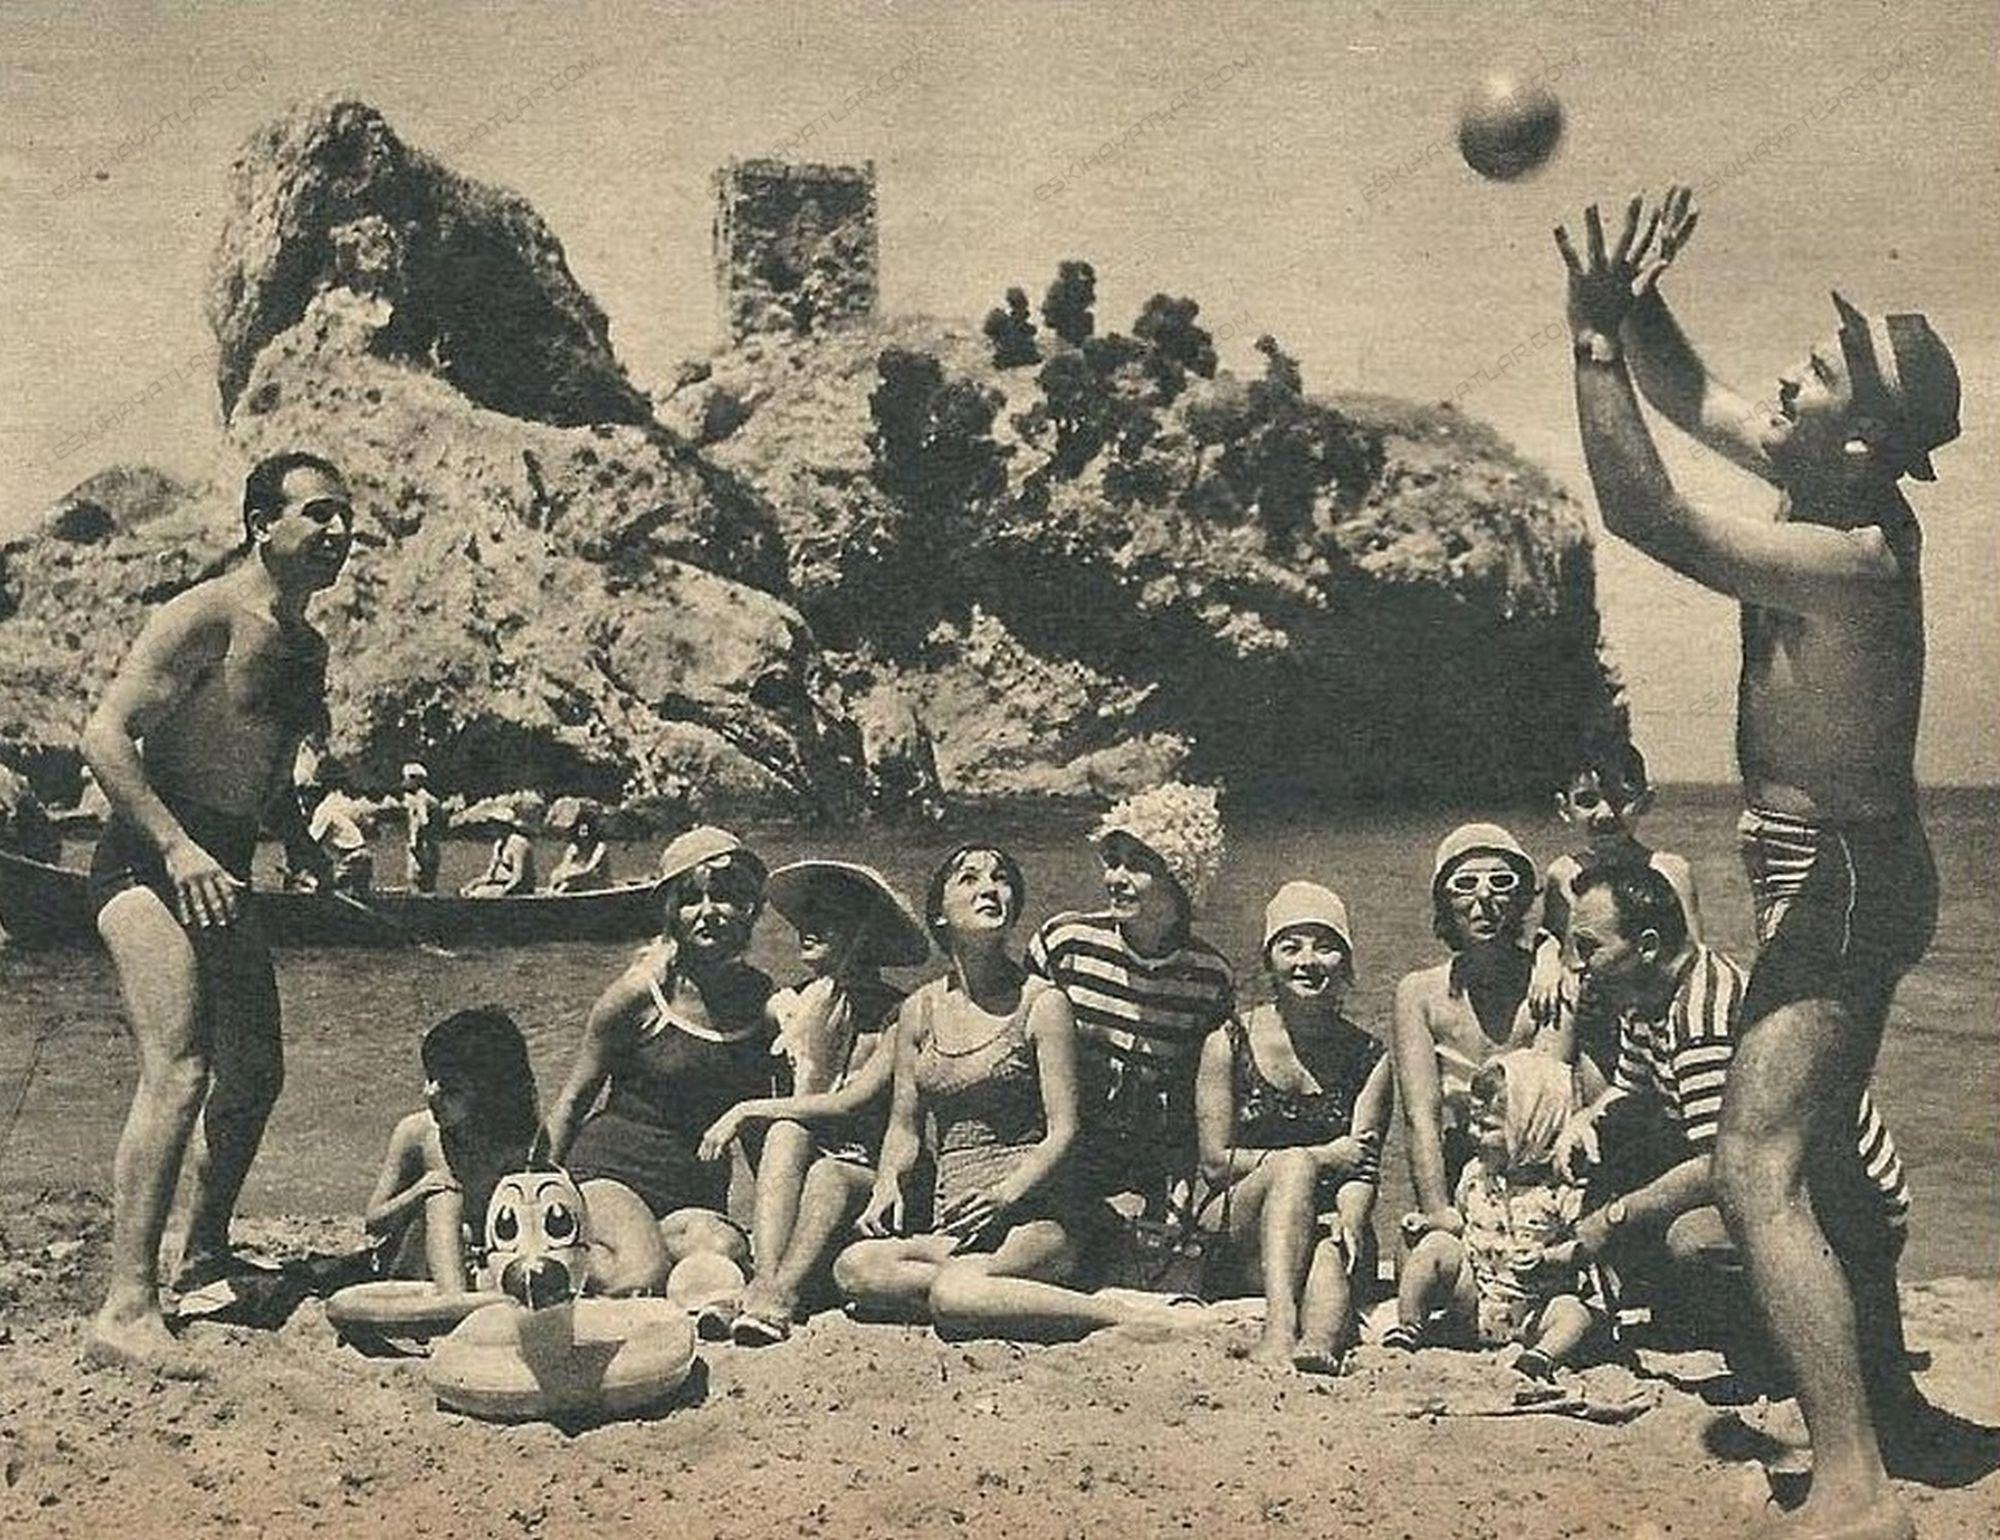 nilufer-aydan-kimdir-birsen-kaplangi-kimdir-leyla-sayar-fotograflari-nilgun-esen-gencligi-1962-yilinda-istanbul-neriman-koksal-gencligi (2)